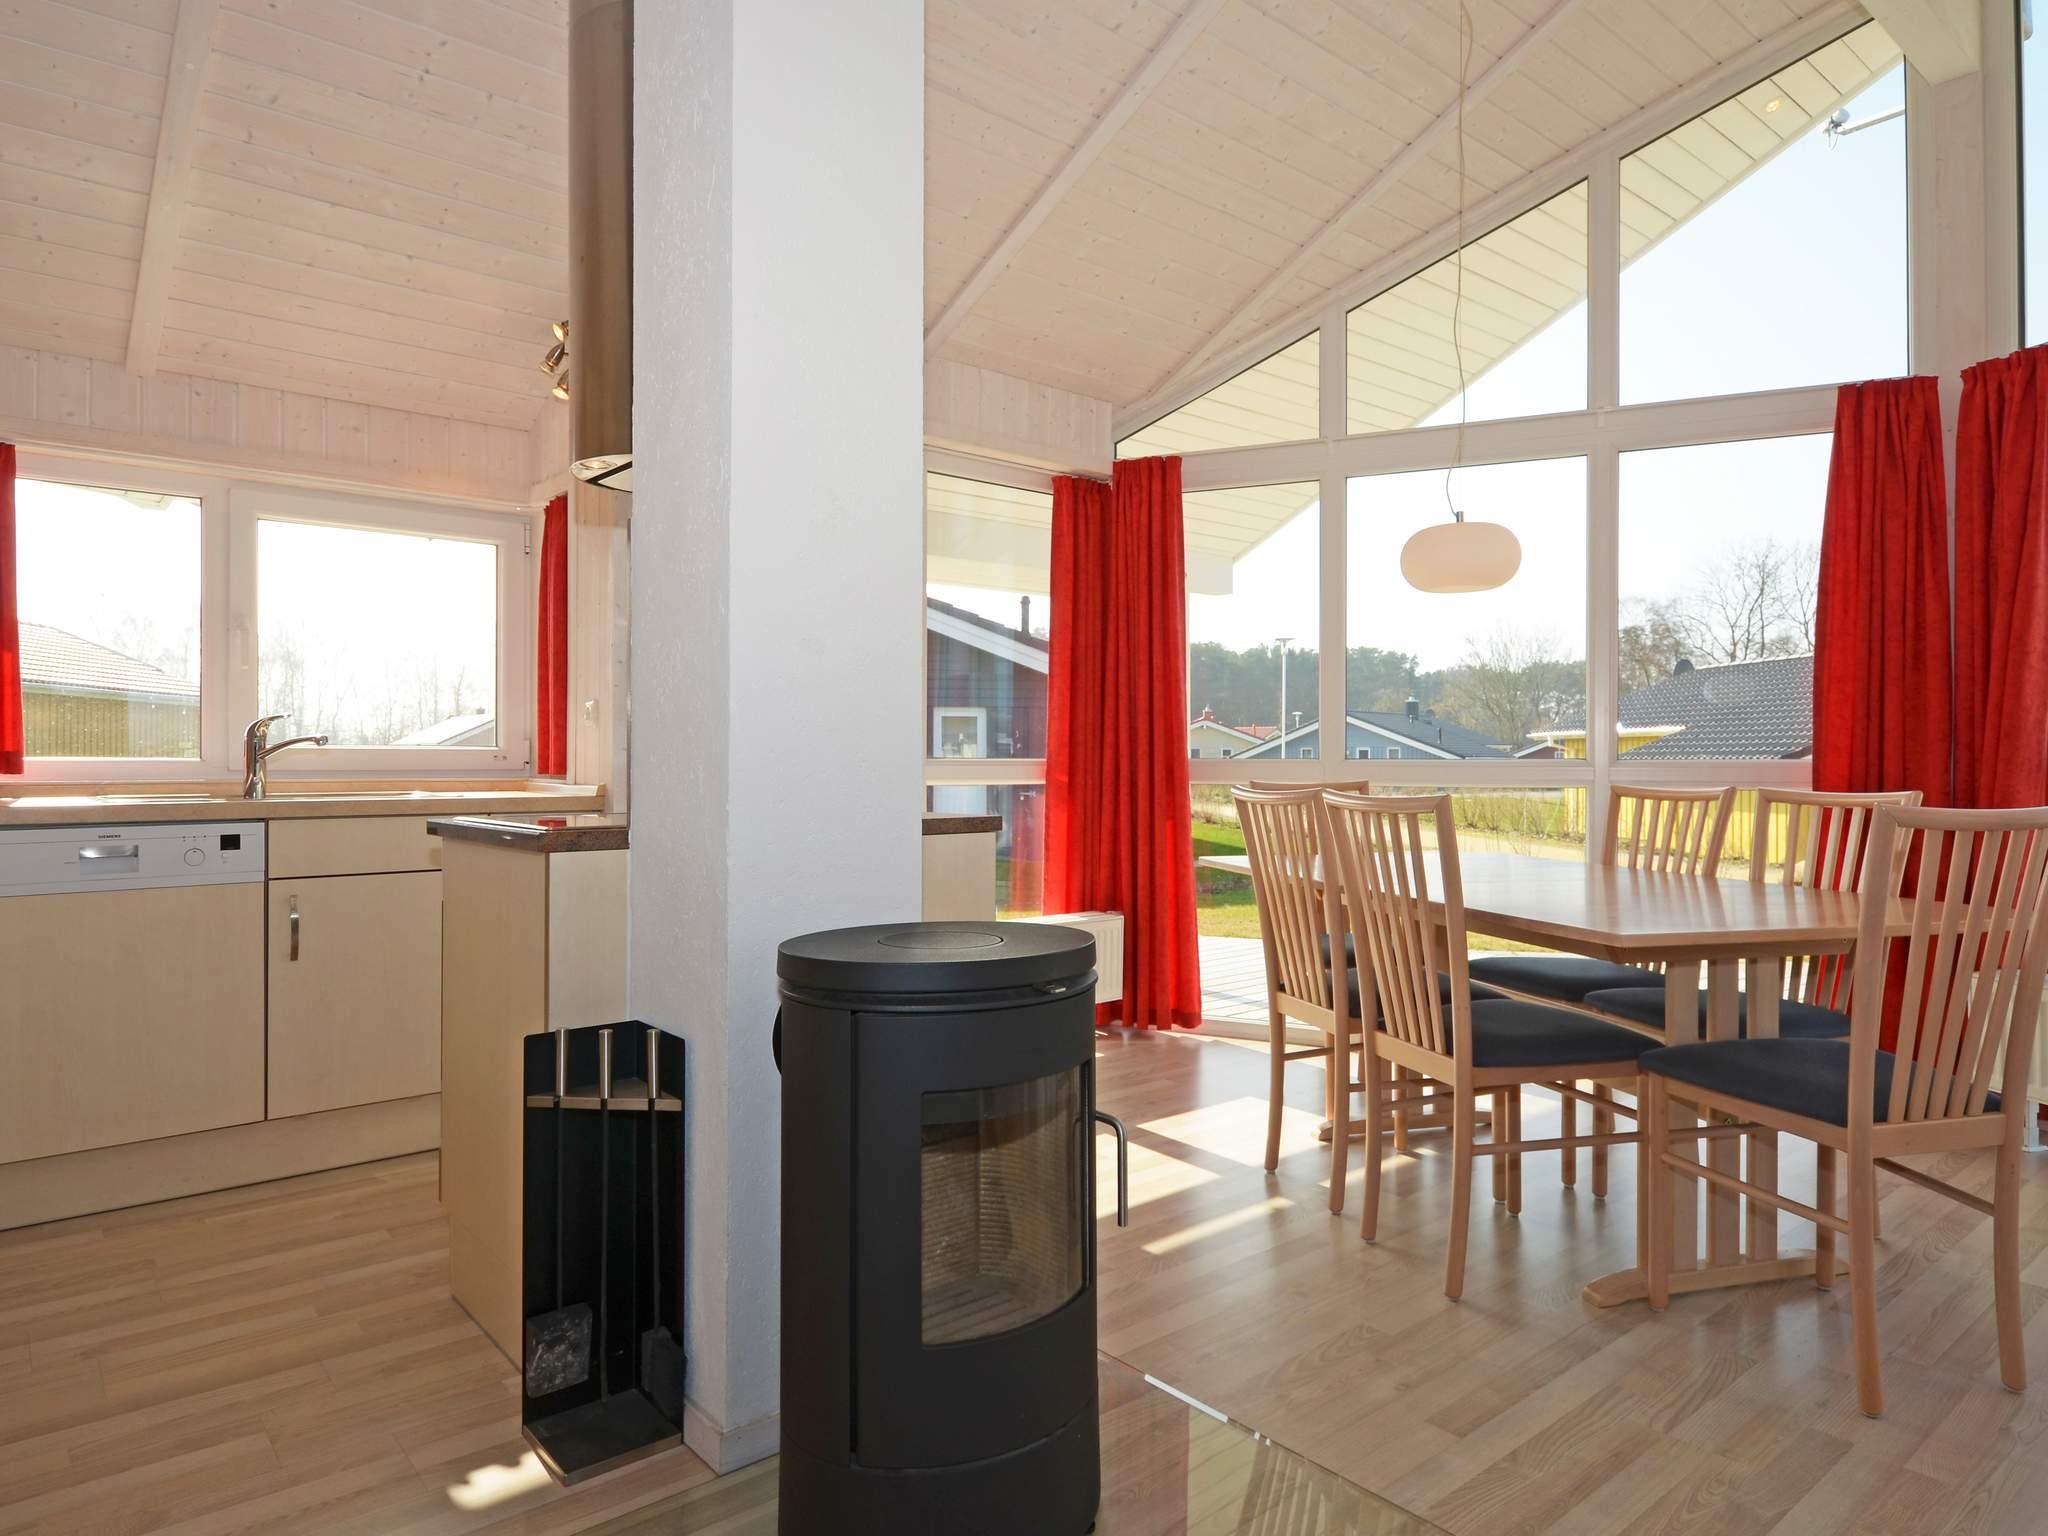 Maison de vacances Grömitz (433402), Grömitz, Baie de Lübeck, Schleswig-Holstein, Allemagne, image 4